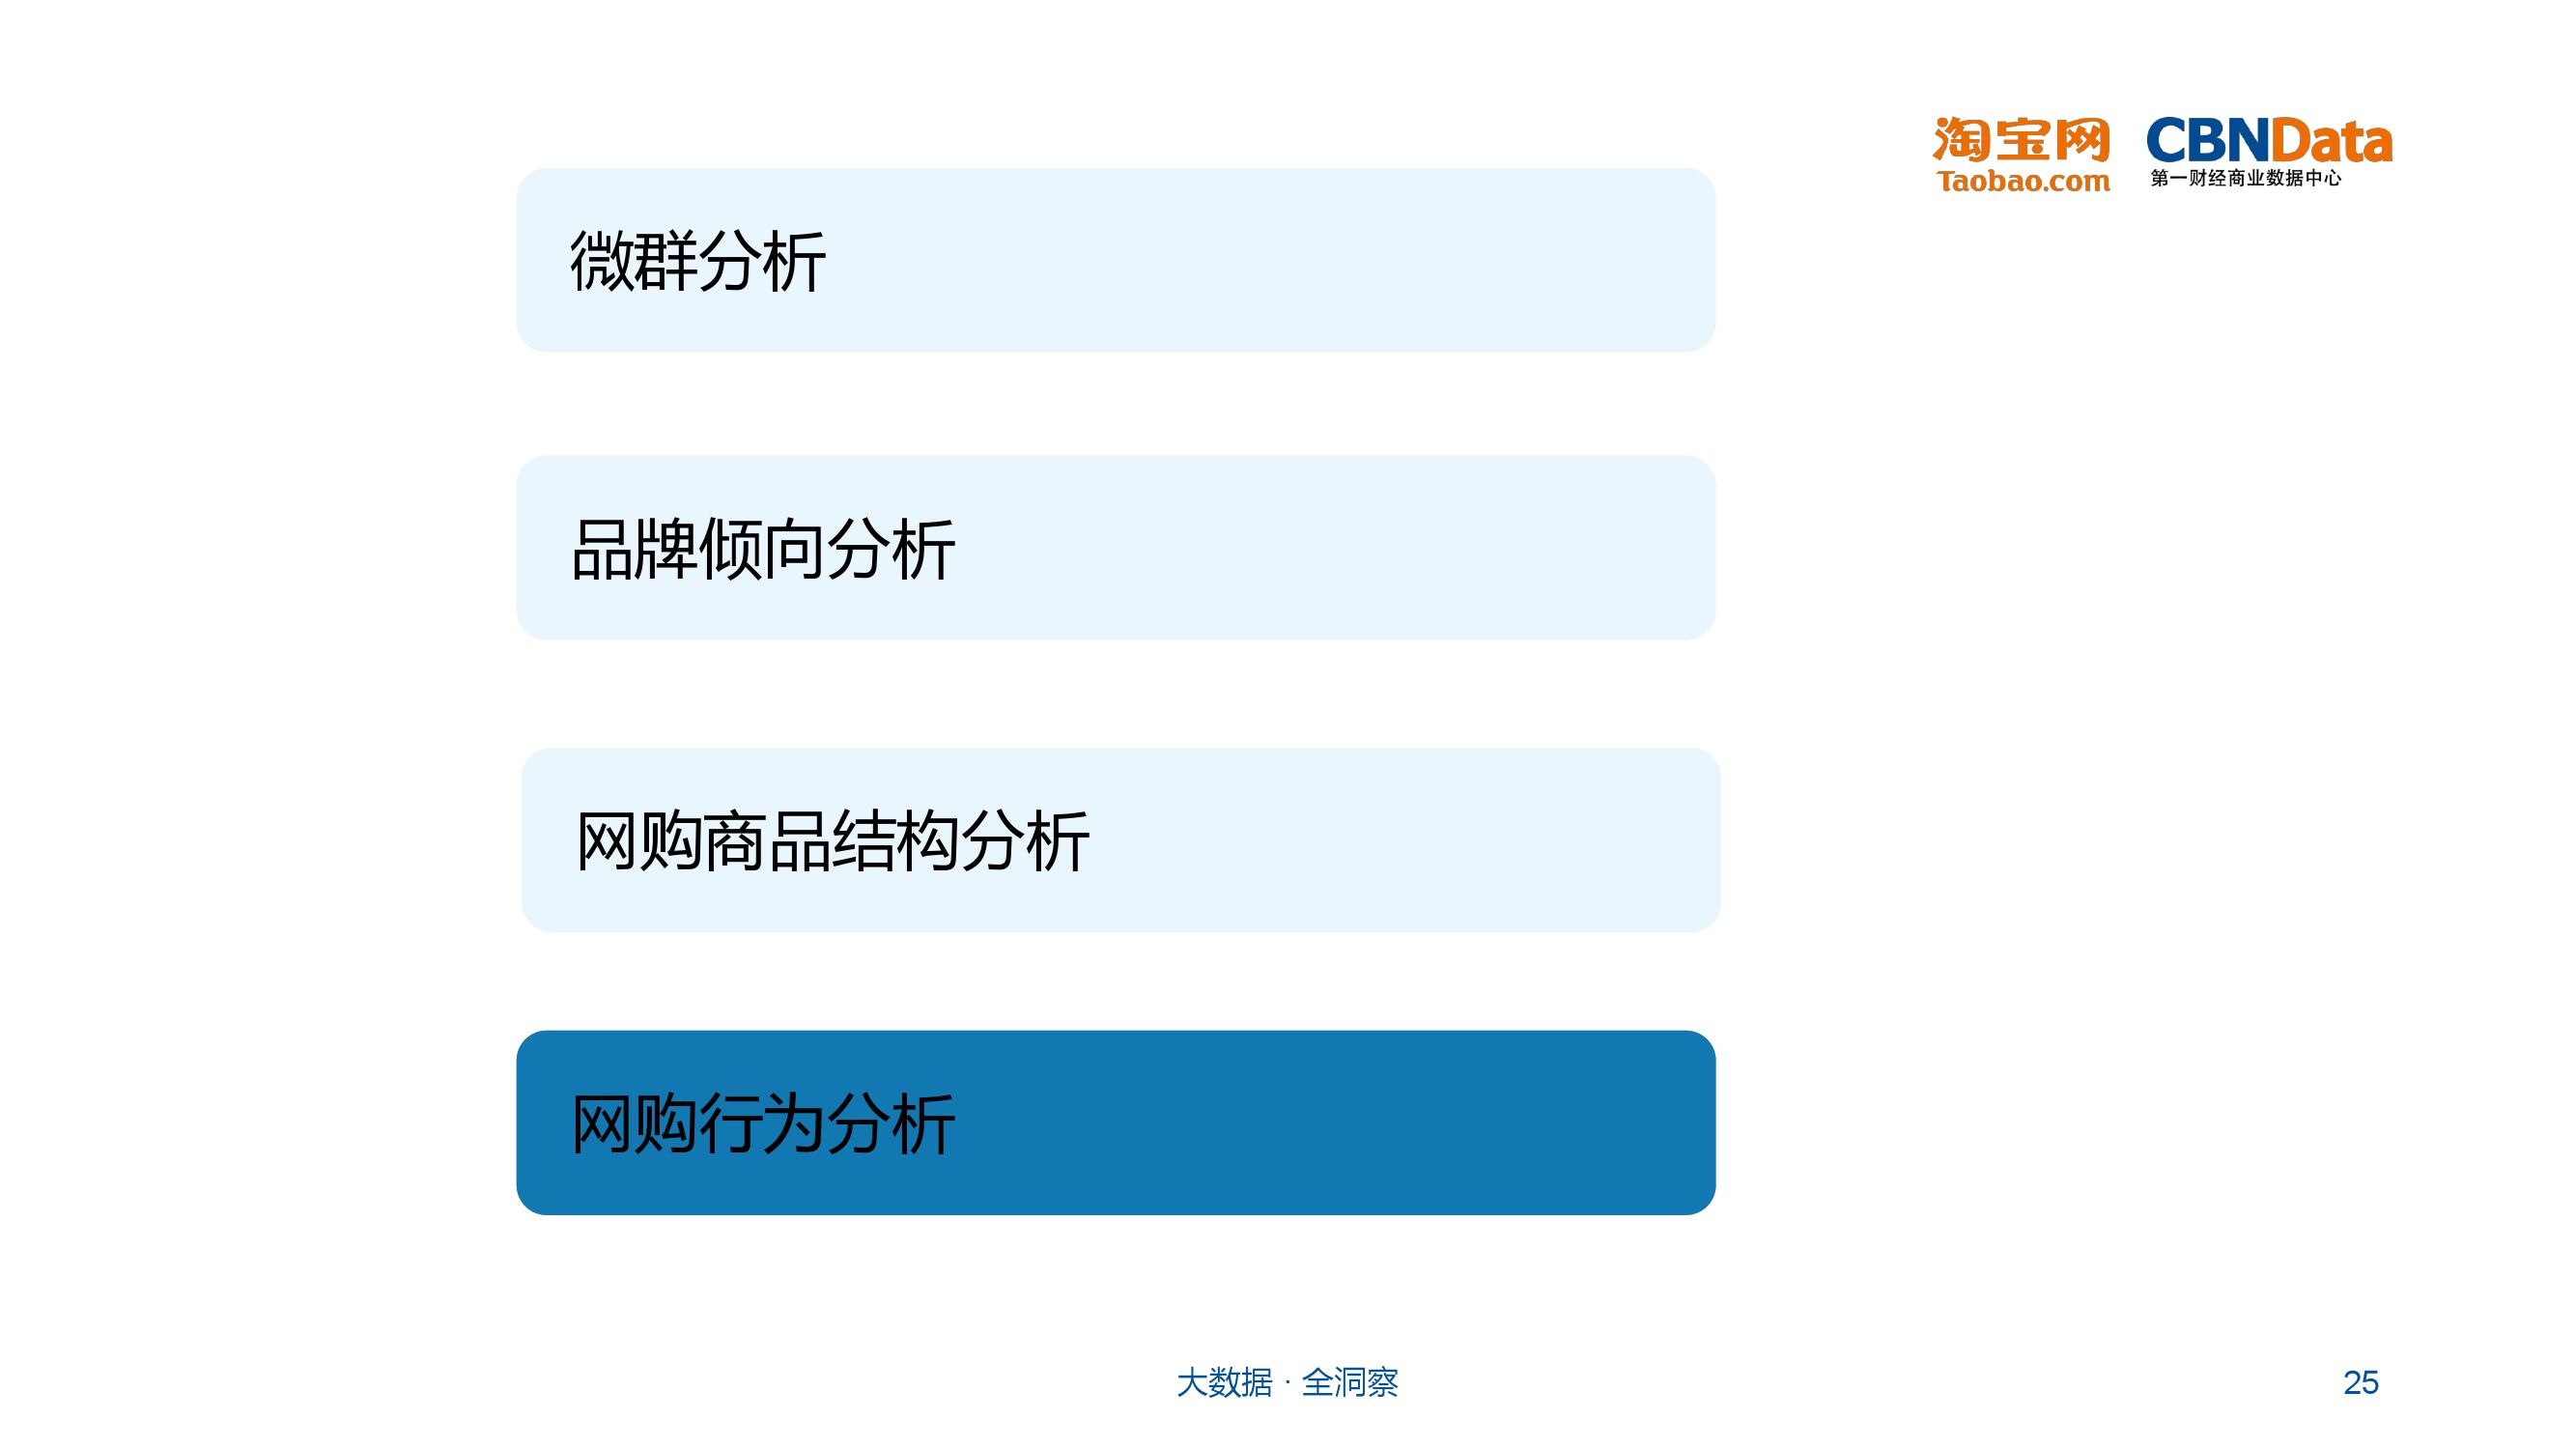 大学生群体网购行为分析_000025